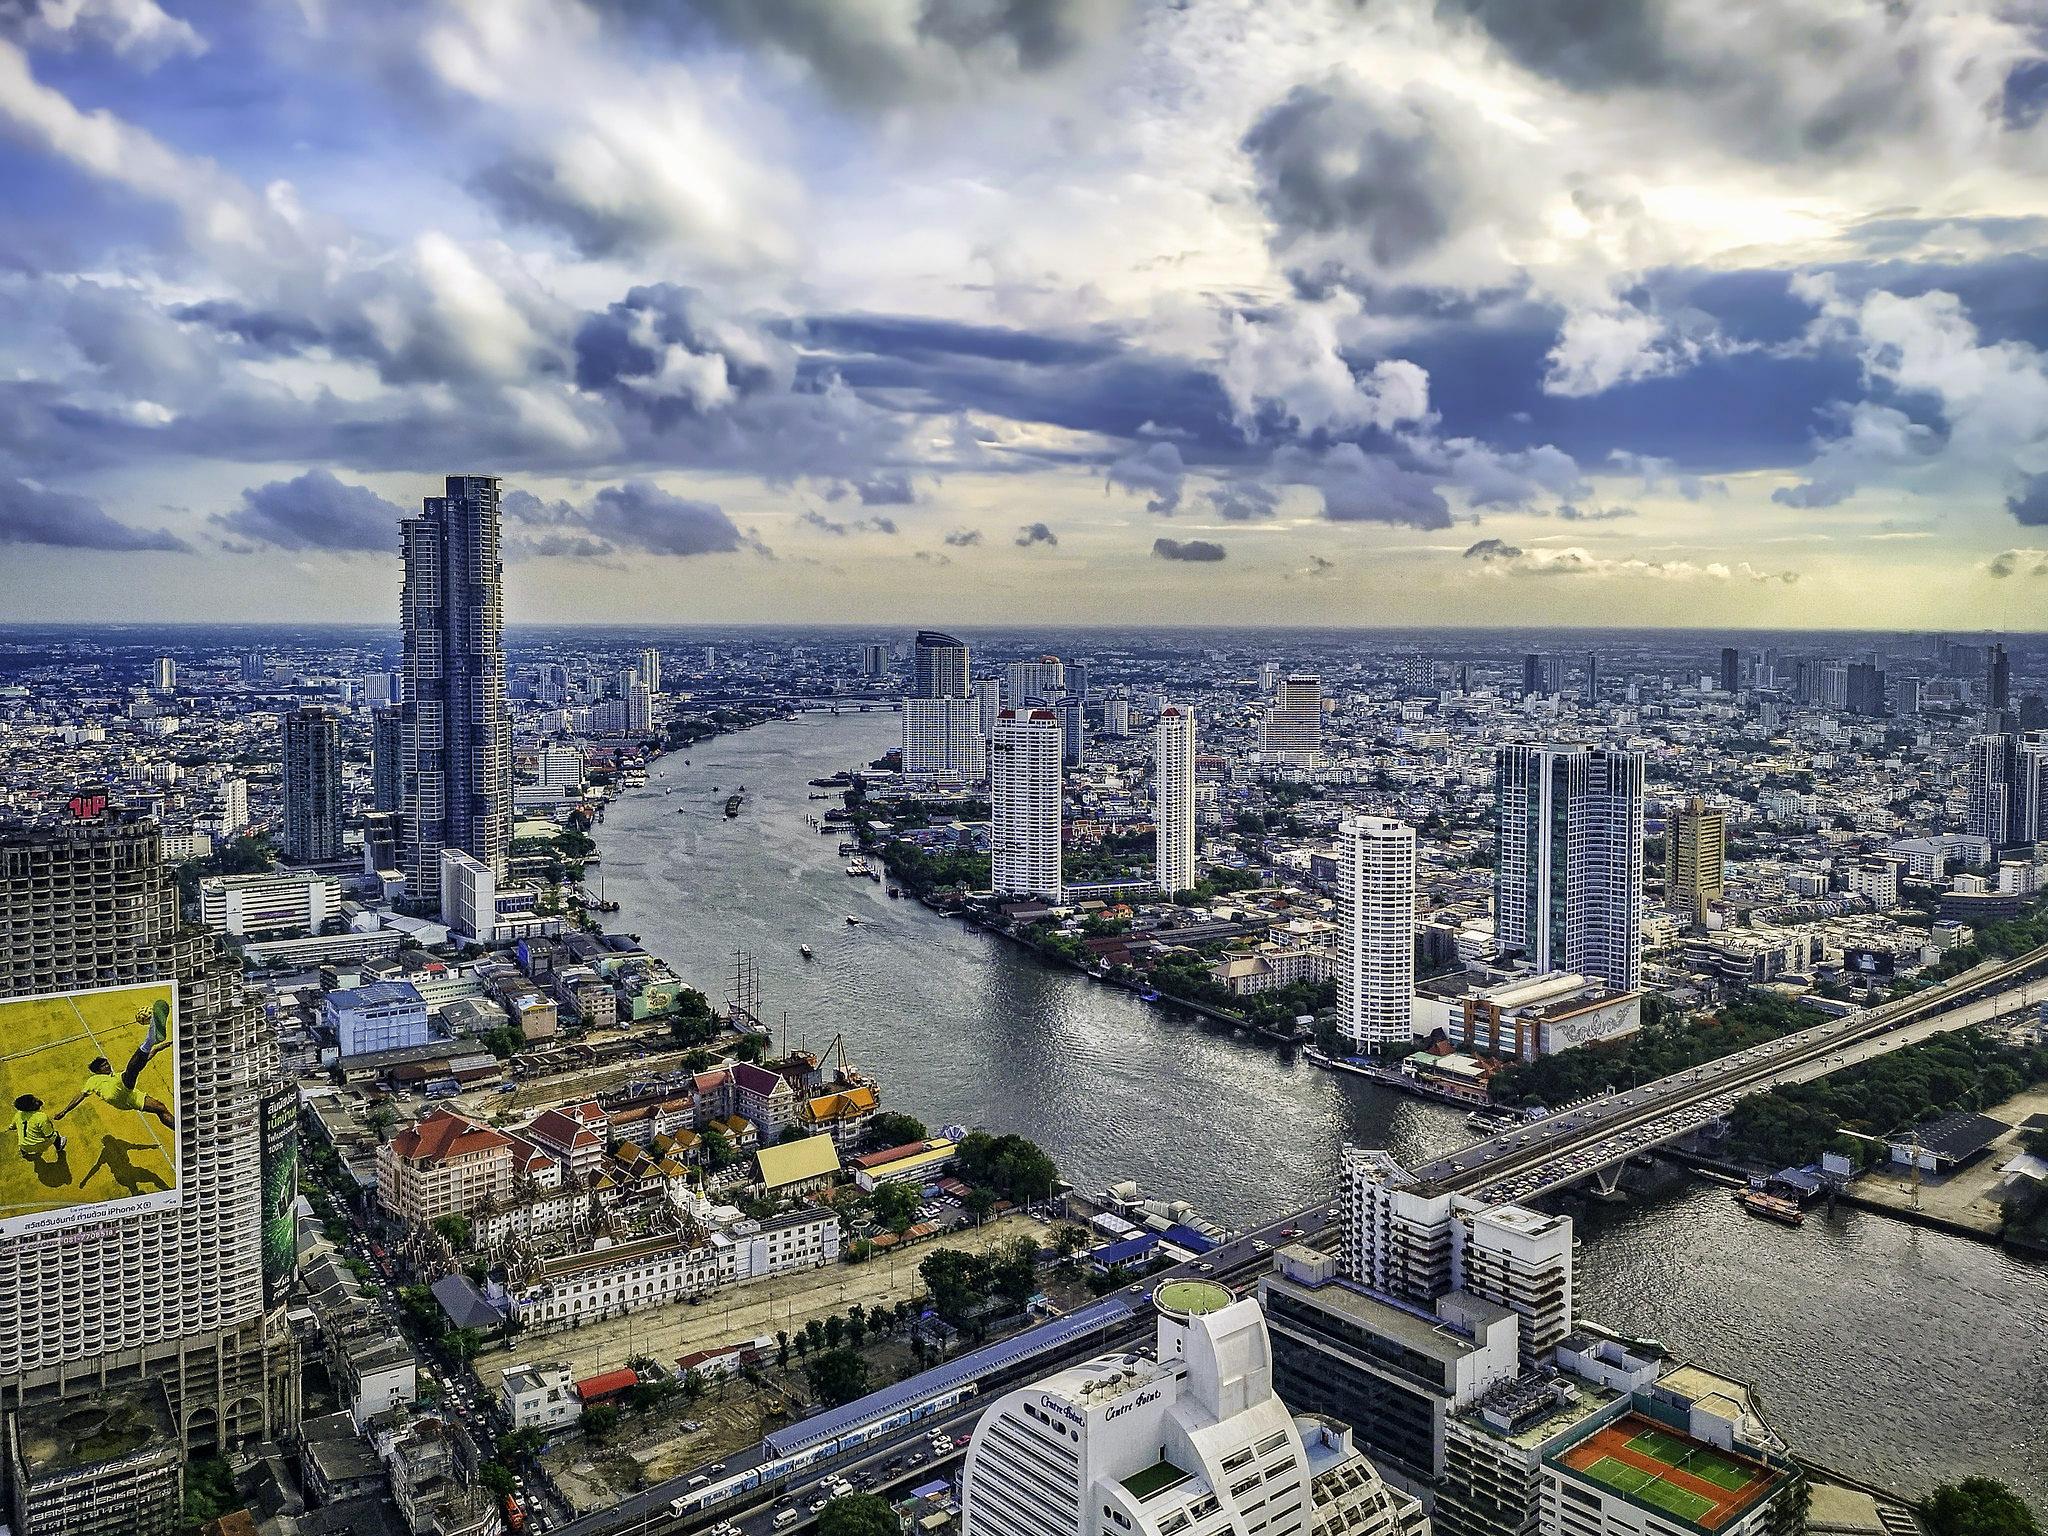 Sky Bar 63rd floor by Leif Alnes.jpg